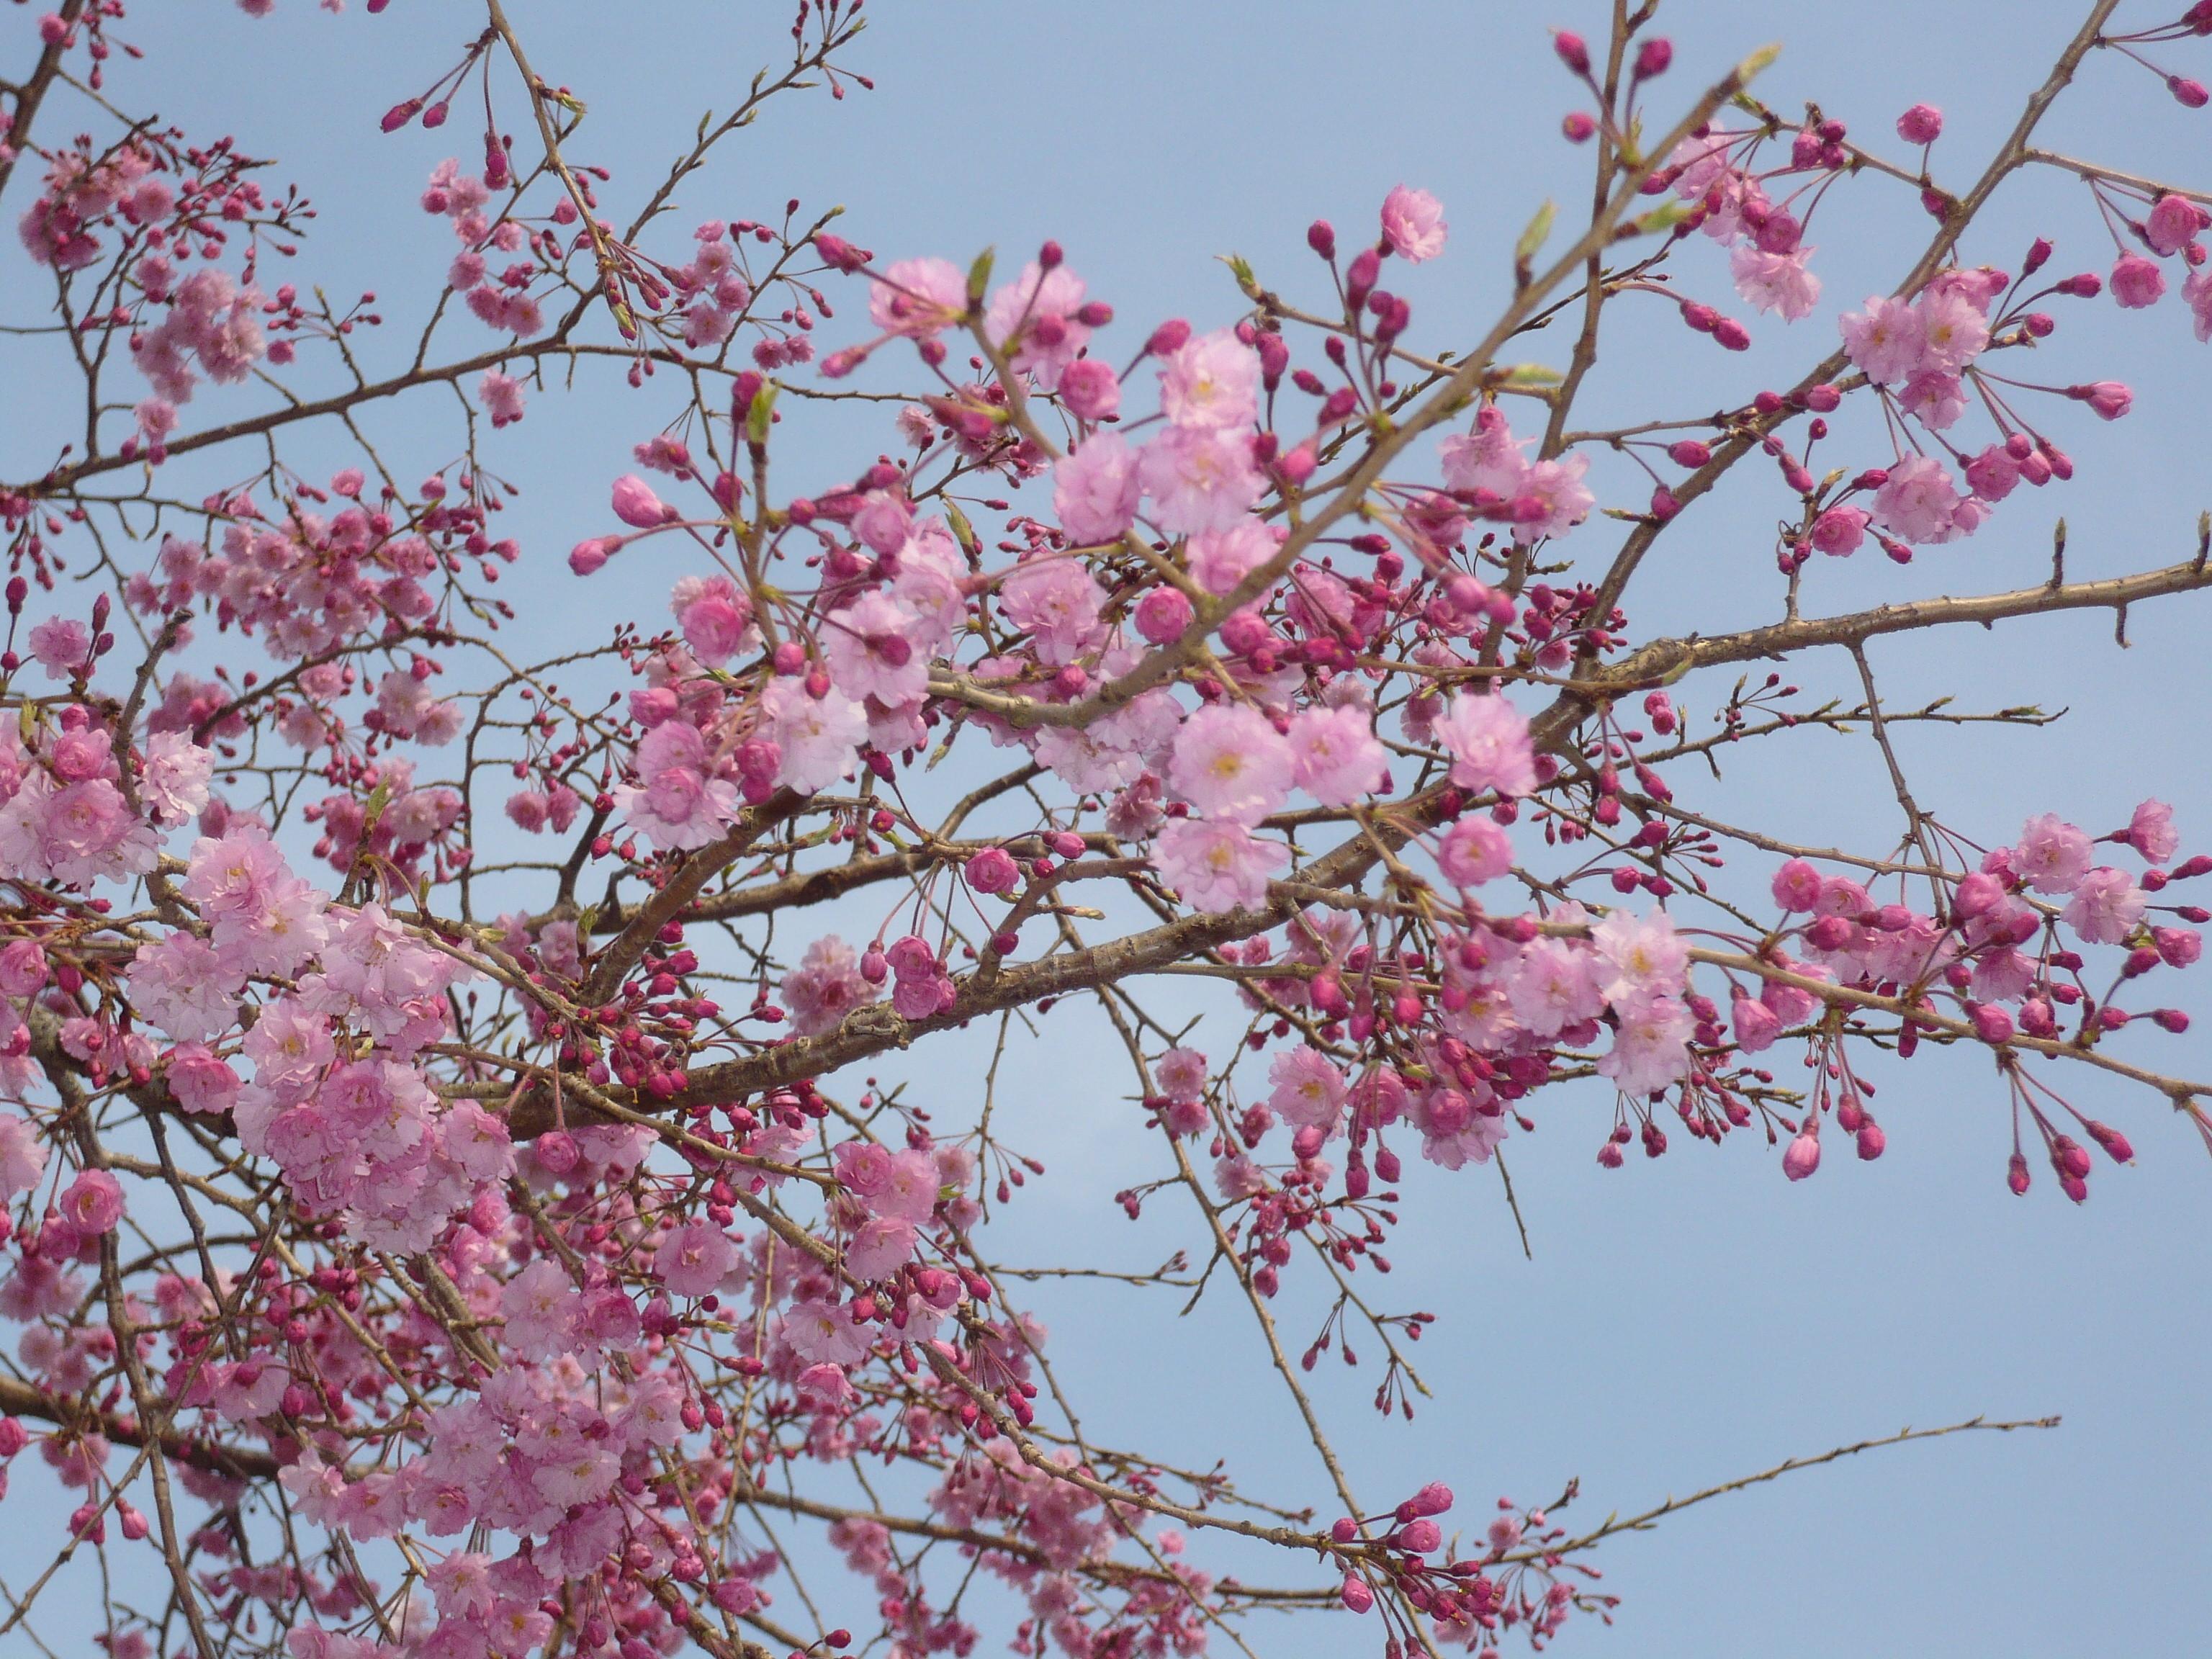 http://livedoor.blogimg.jp/kaiteki_kan/imgs/2/b/2bb4f514.JPG